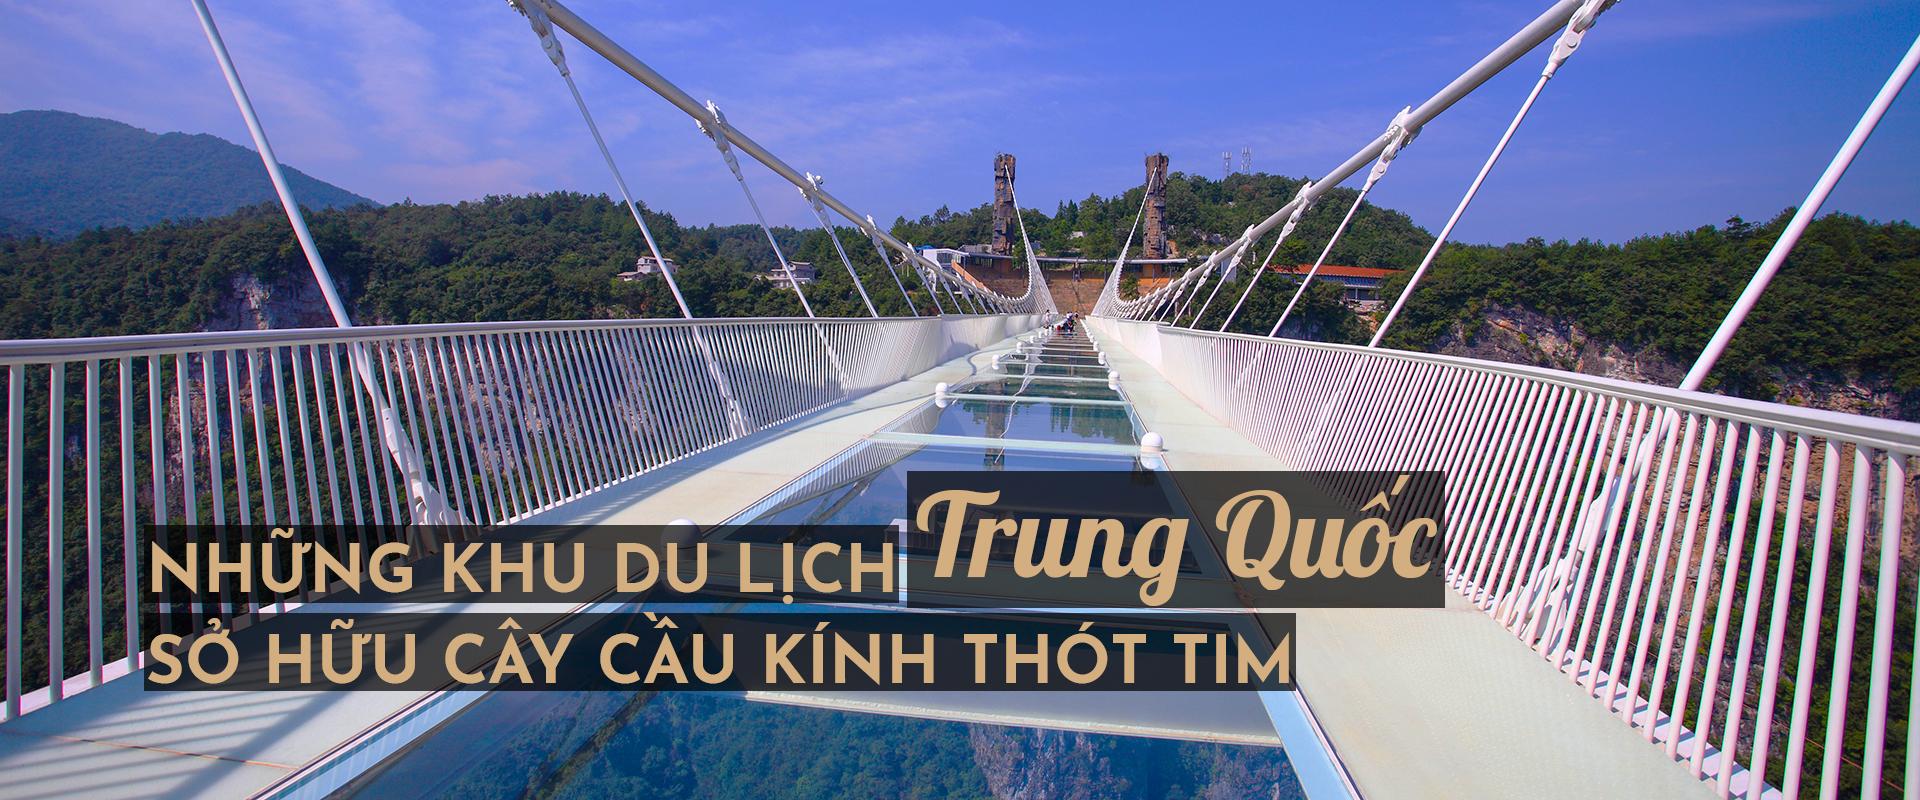 Top 4 khu du lịch Trung Quốc sở hữu cây cầu kính thót tim